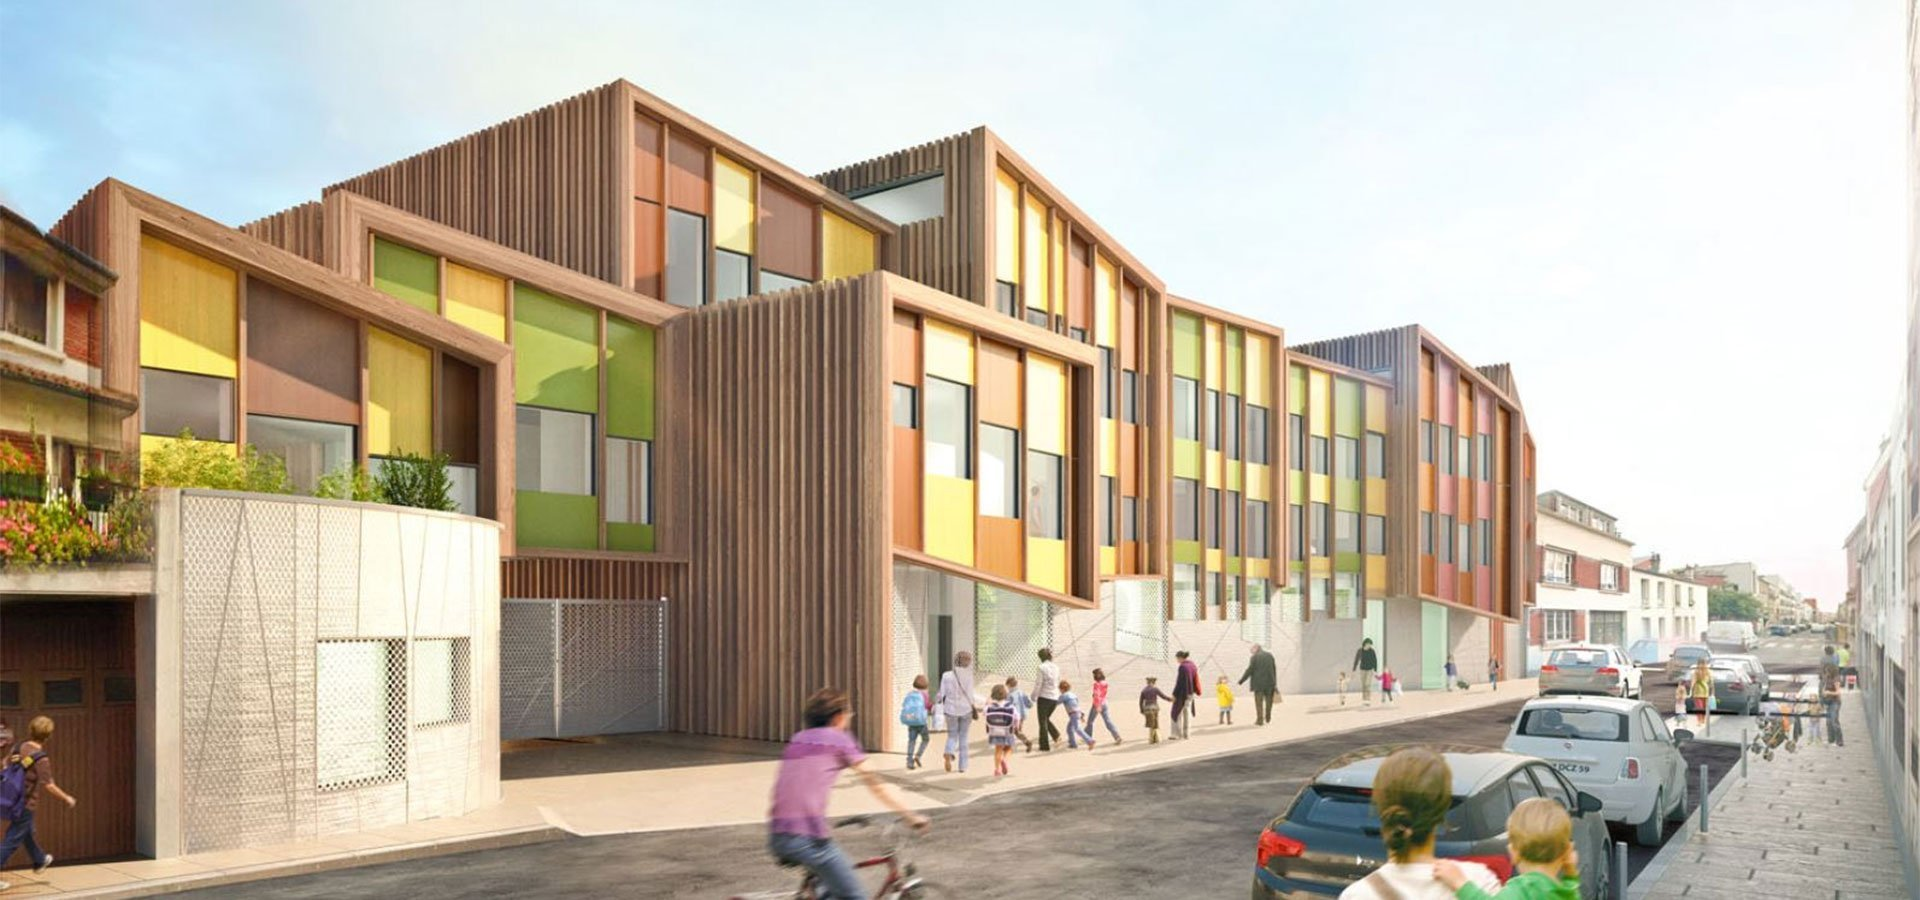 une architecture remarquable en construction bois m tal pour un groupe scolaire montreuil 93